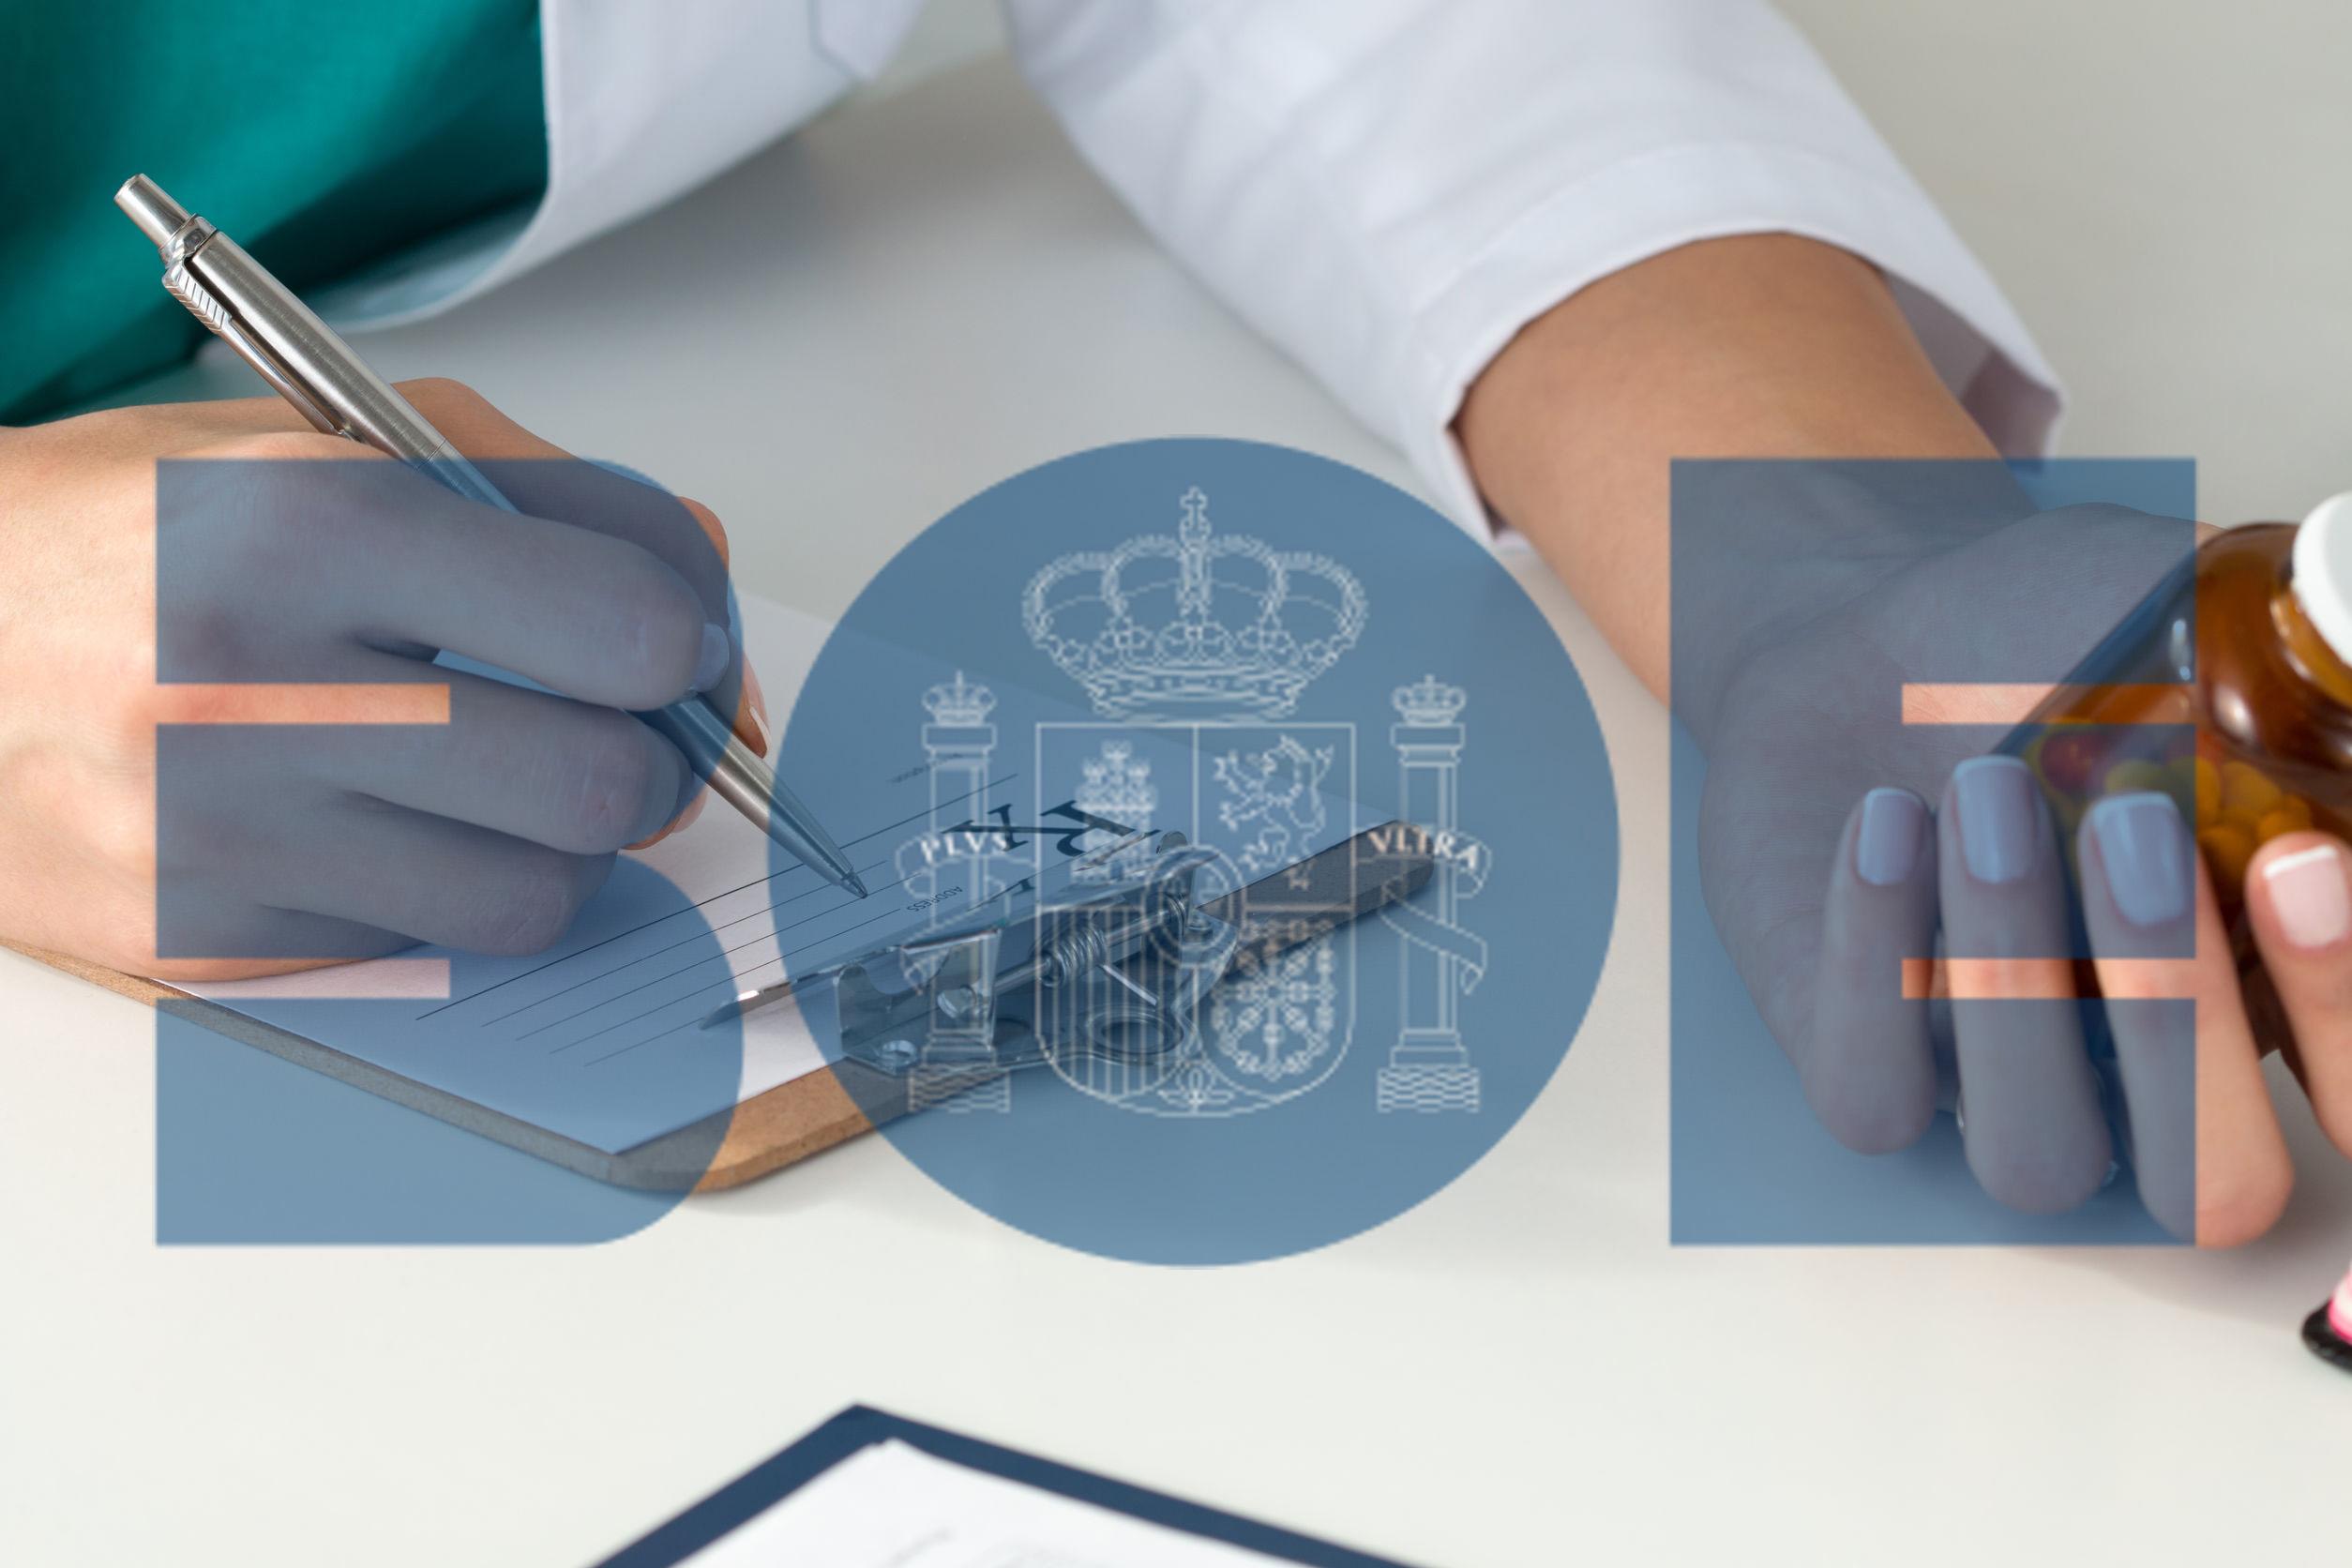 El BOE publica el nuevo Real Decreto de prescripción enfermera